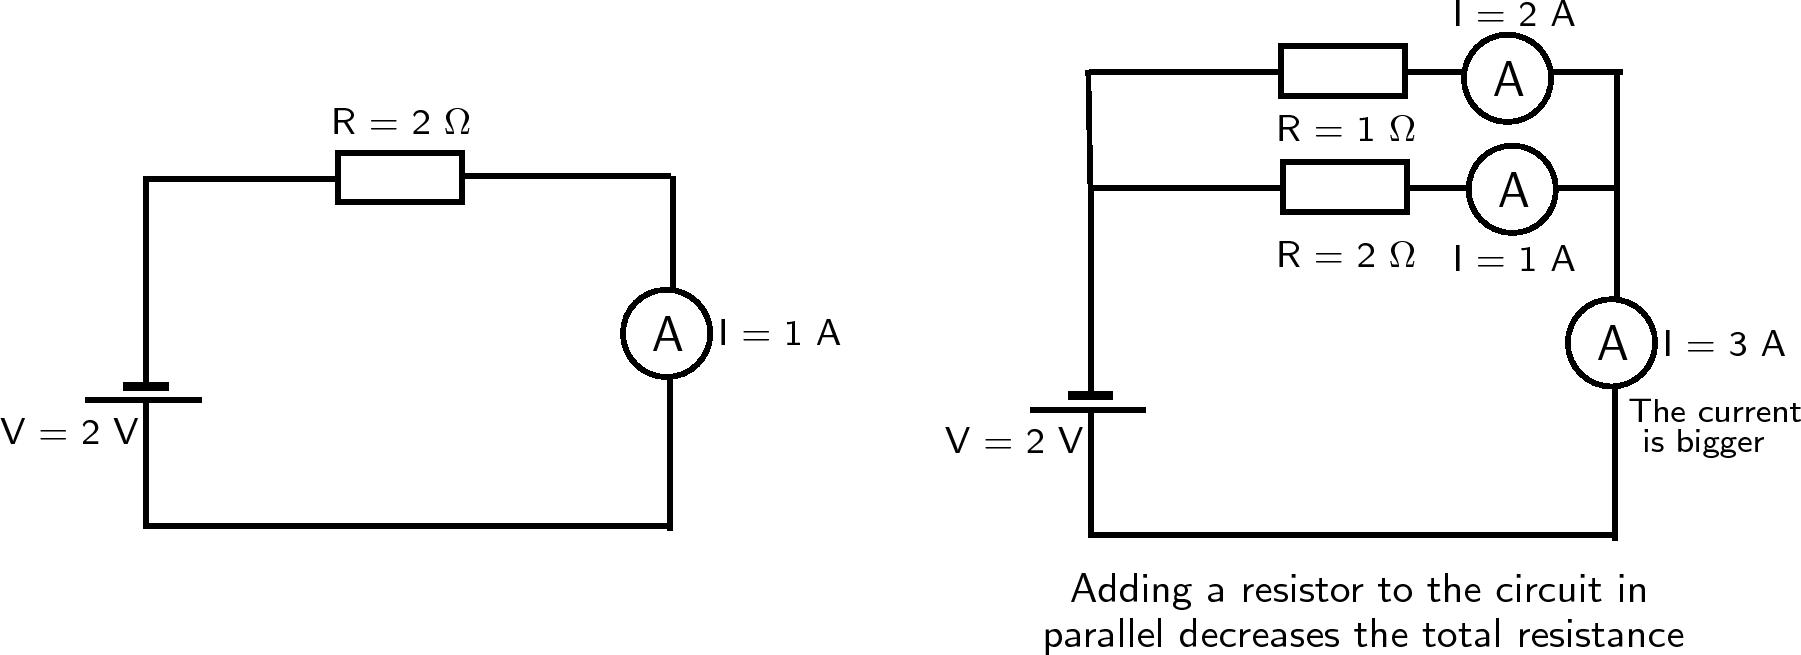 parallel circuit diagram tutorvistacom